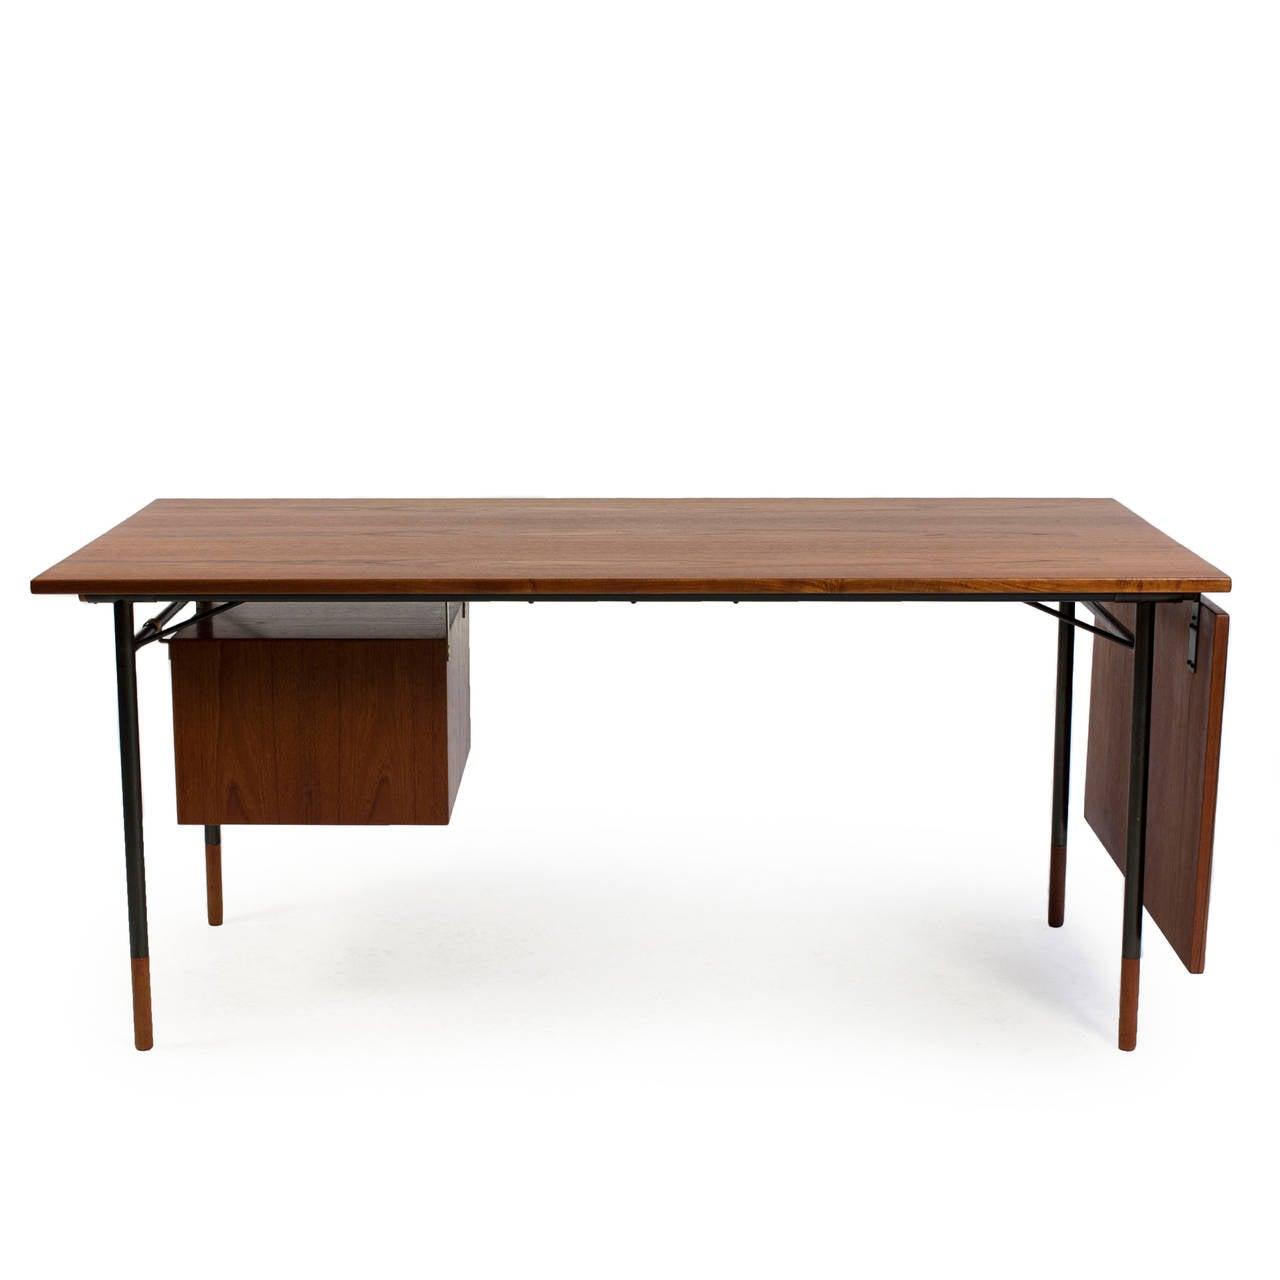 Danish Finn Juhl Teak Desk, Bovirke For Sale